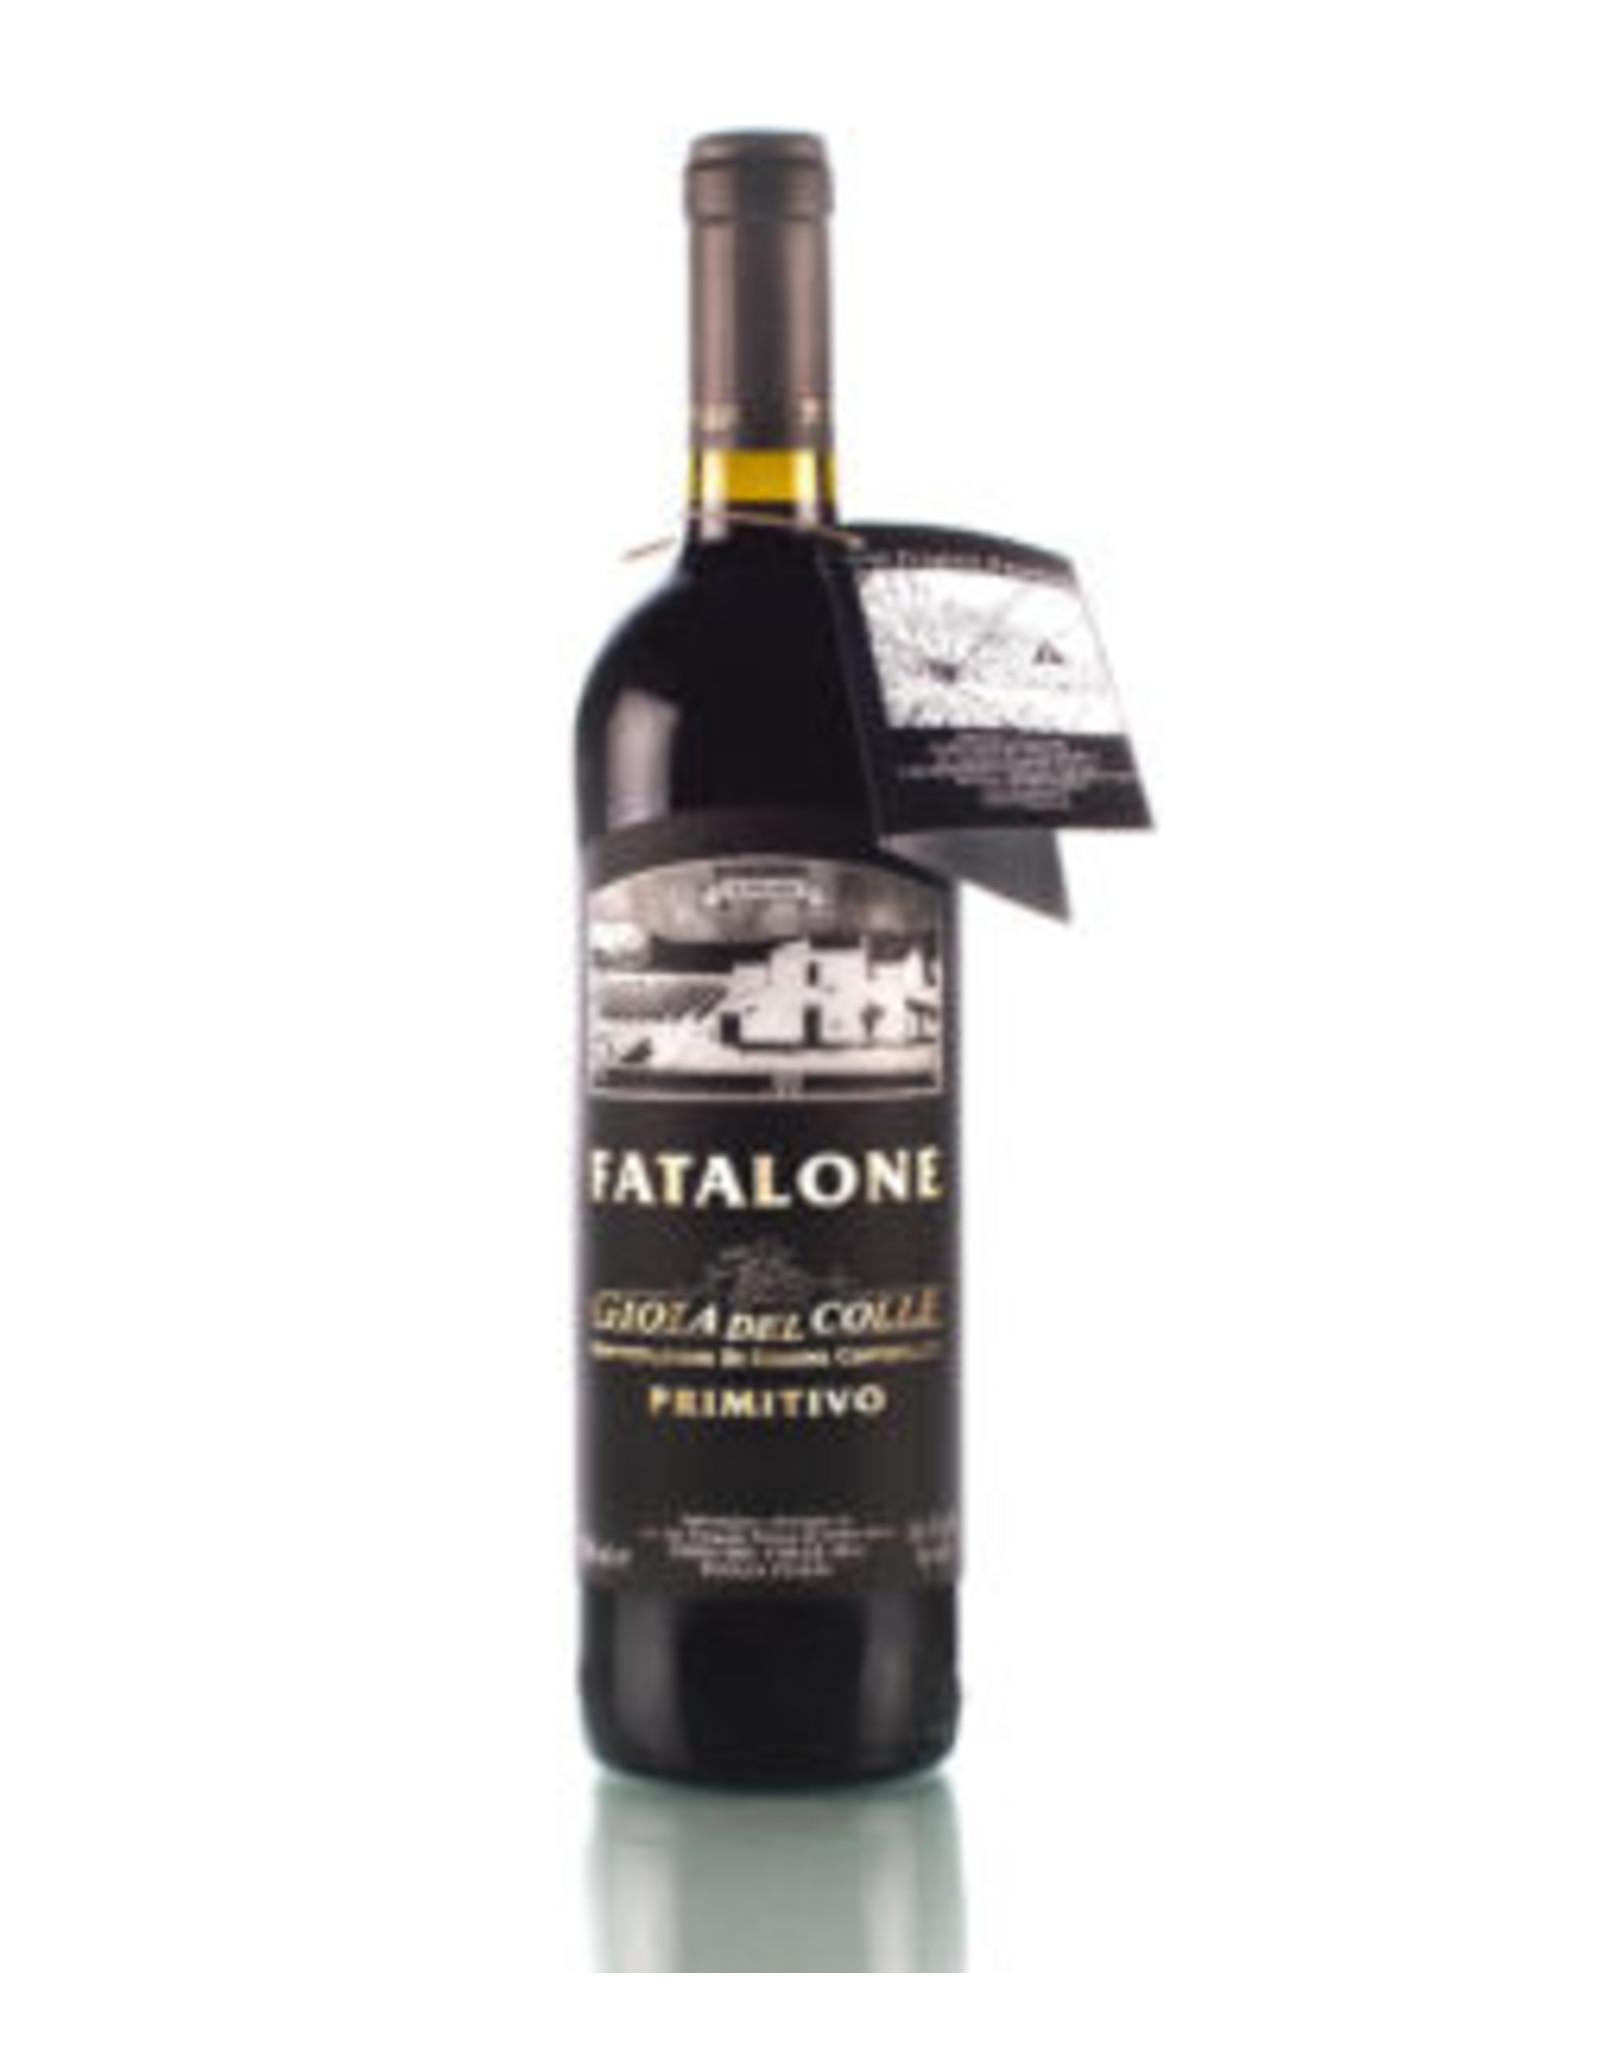 Fatalone Primitivo